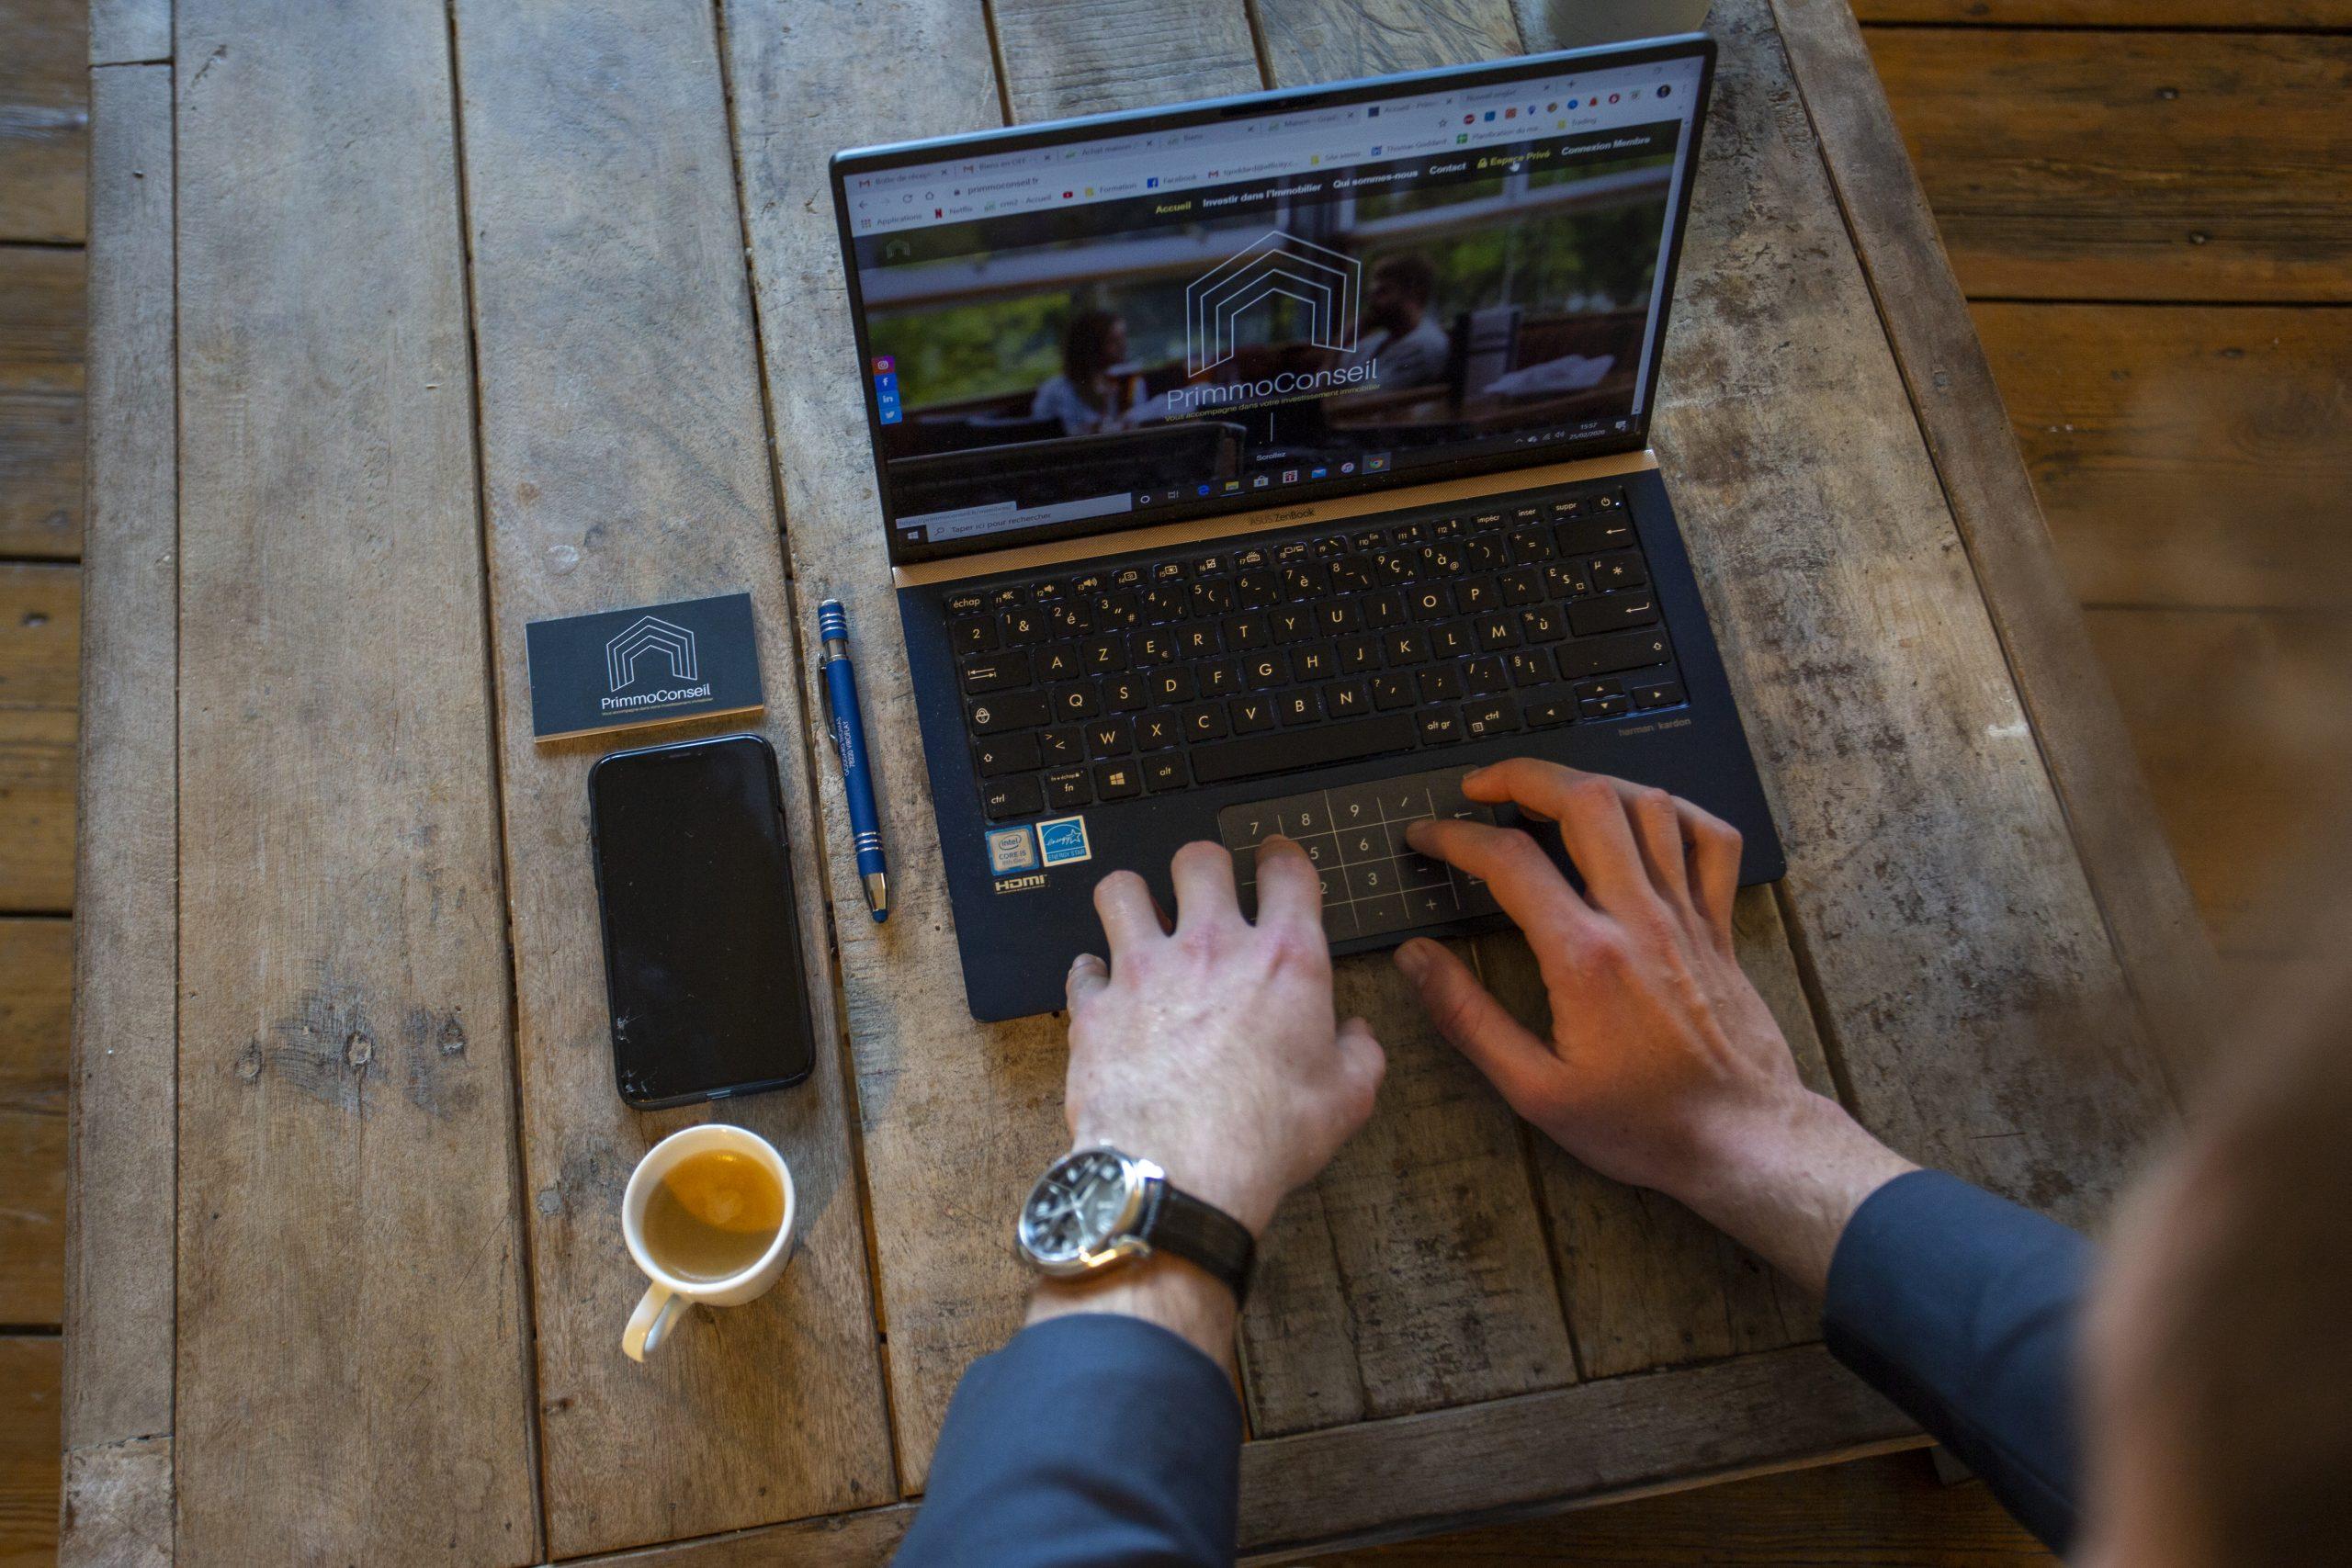 primmo conseil goddard photo mains tapant sur clavier ordinateur portable posé sur table en bois